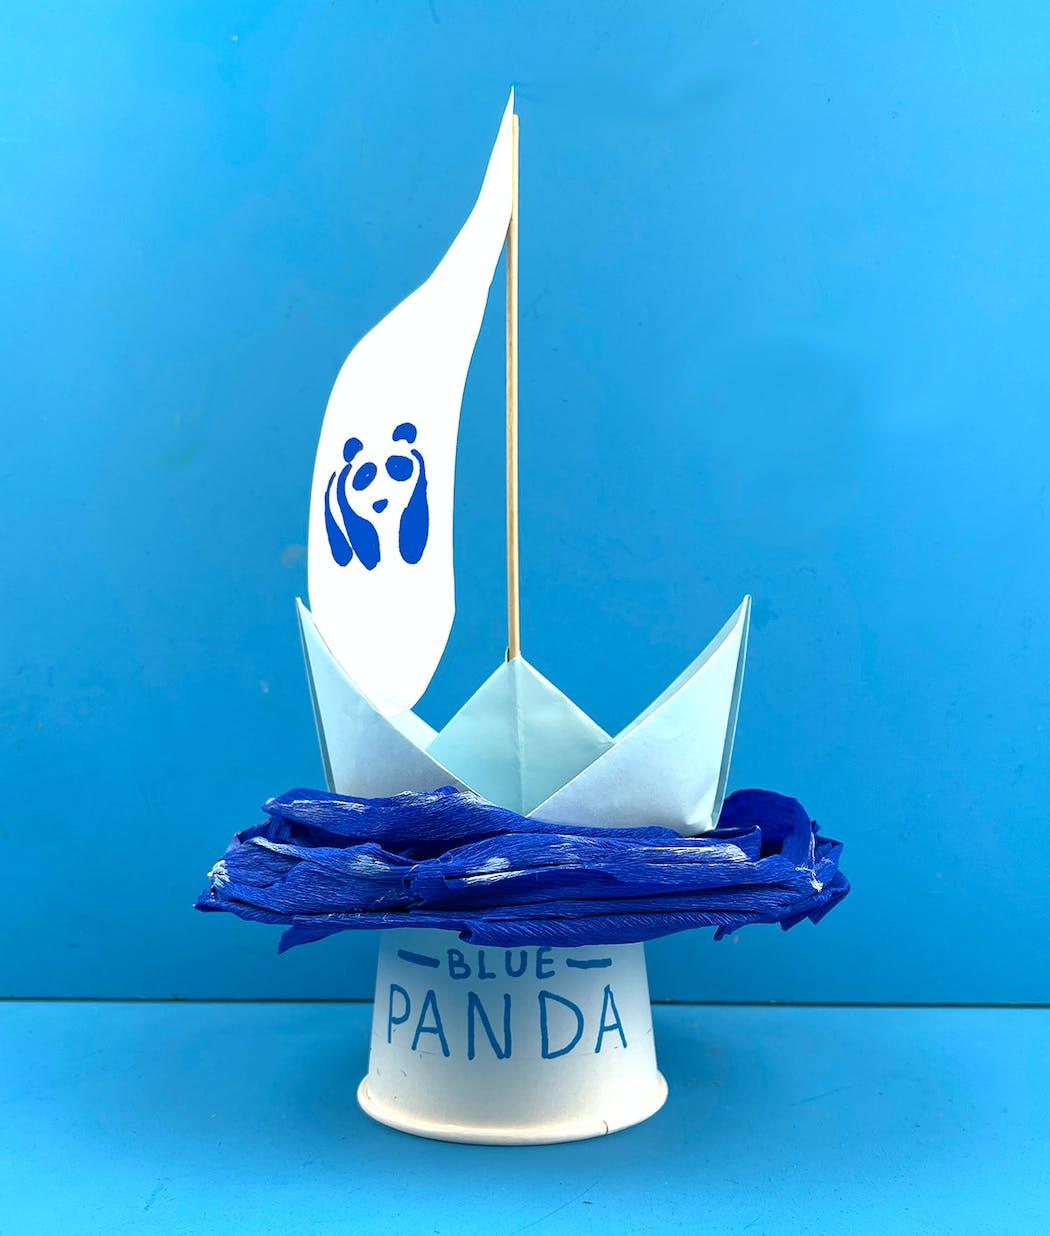 reconstitution du bateau Blue Panda de WWF en papier et carton par Momes.